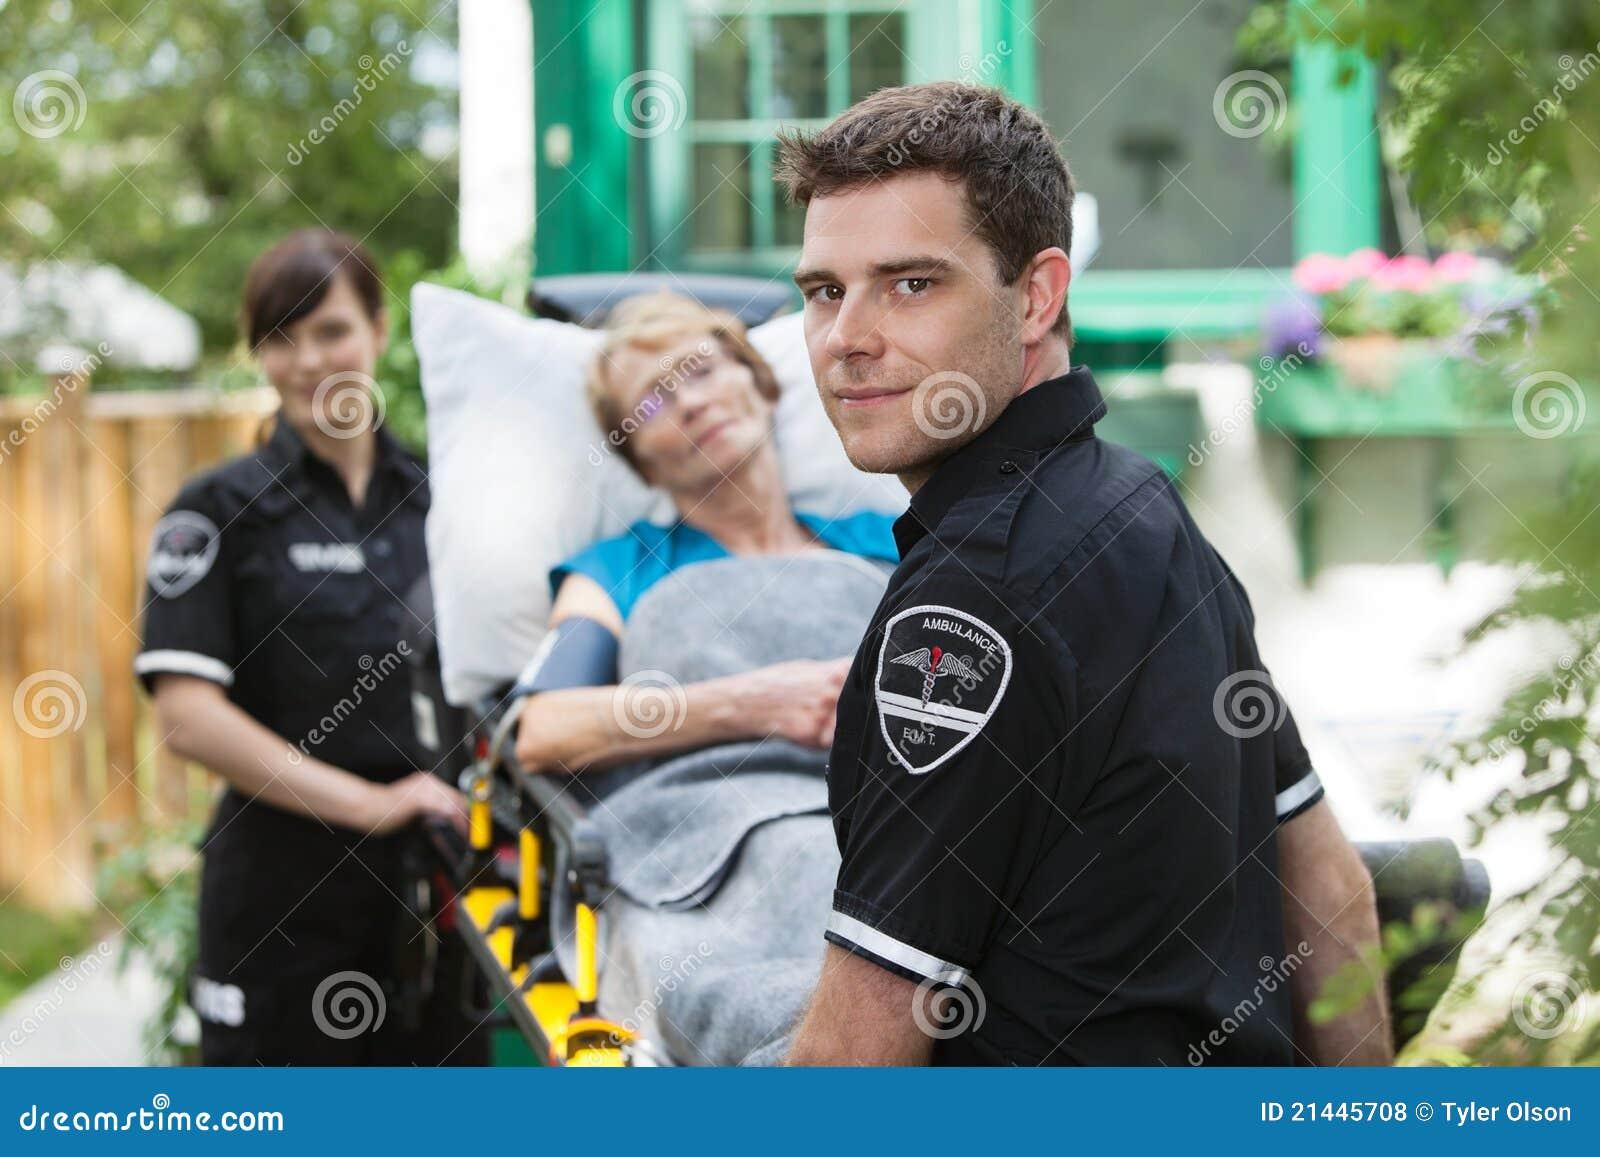 Krankenwagen-Fachmann